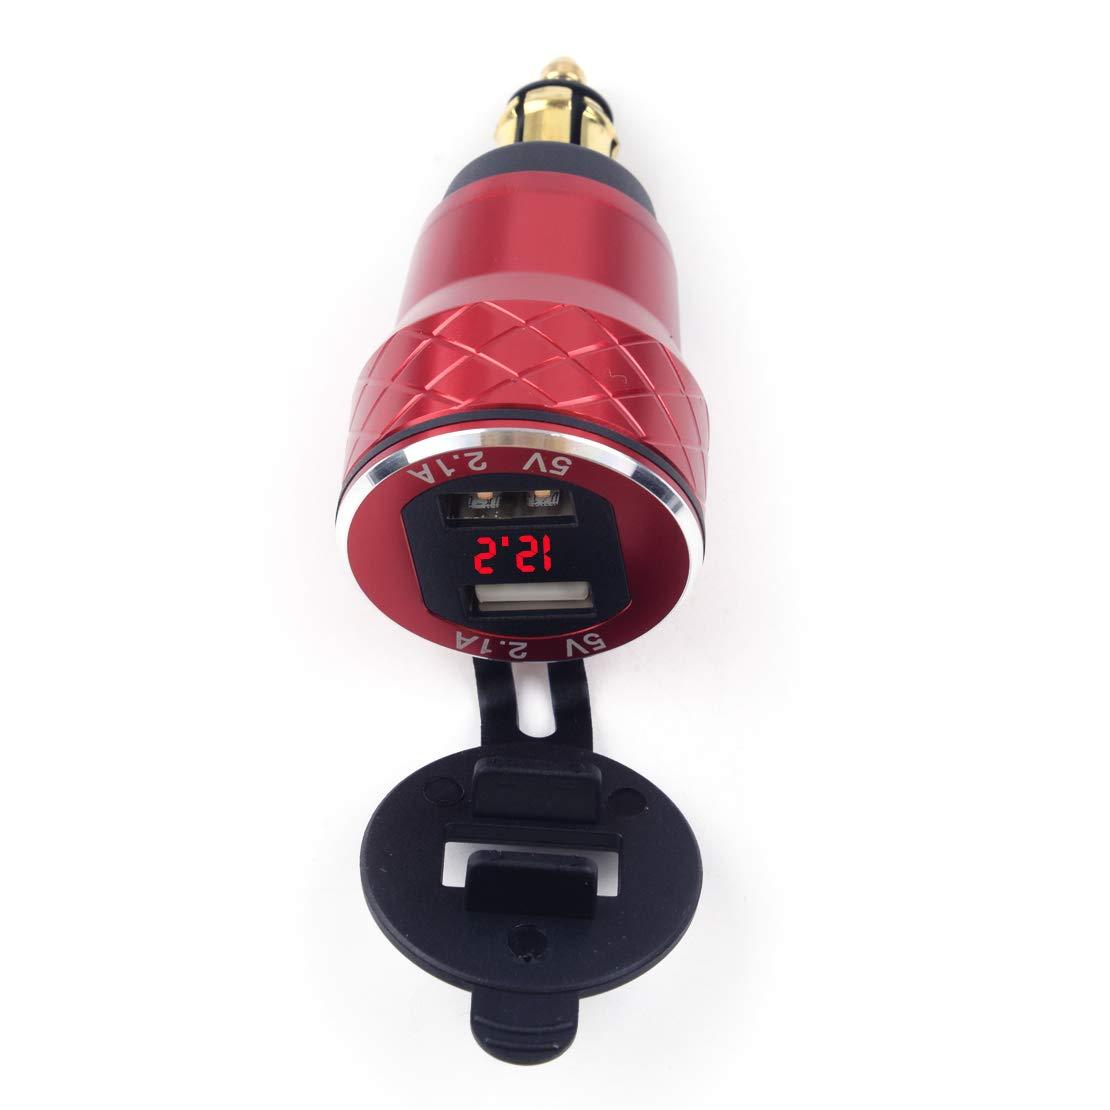 Aluminium 4.2A Dual USB Plug Chargeur Voltmètre EU Adapté pour Moto Hella/DIN Socket BMW Matériau Core Core: Rouge Cuivre Avec Affichage Rouge eastar